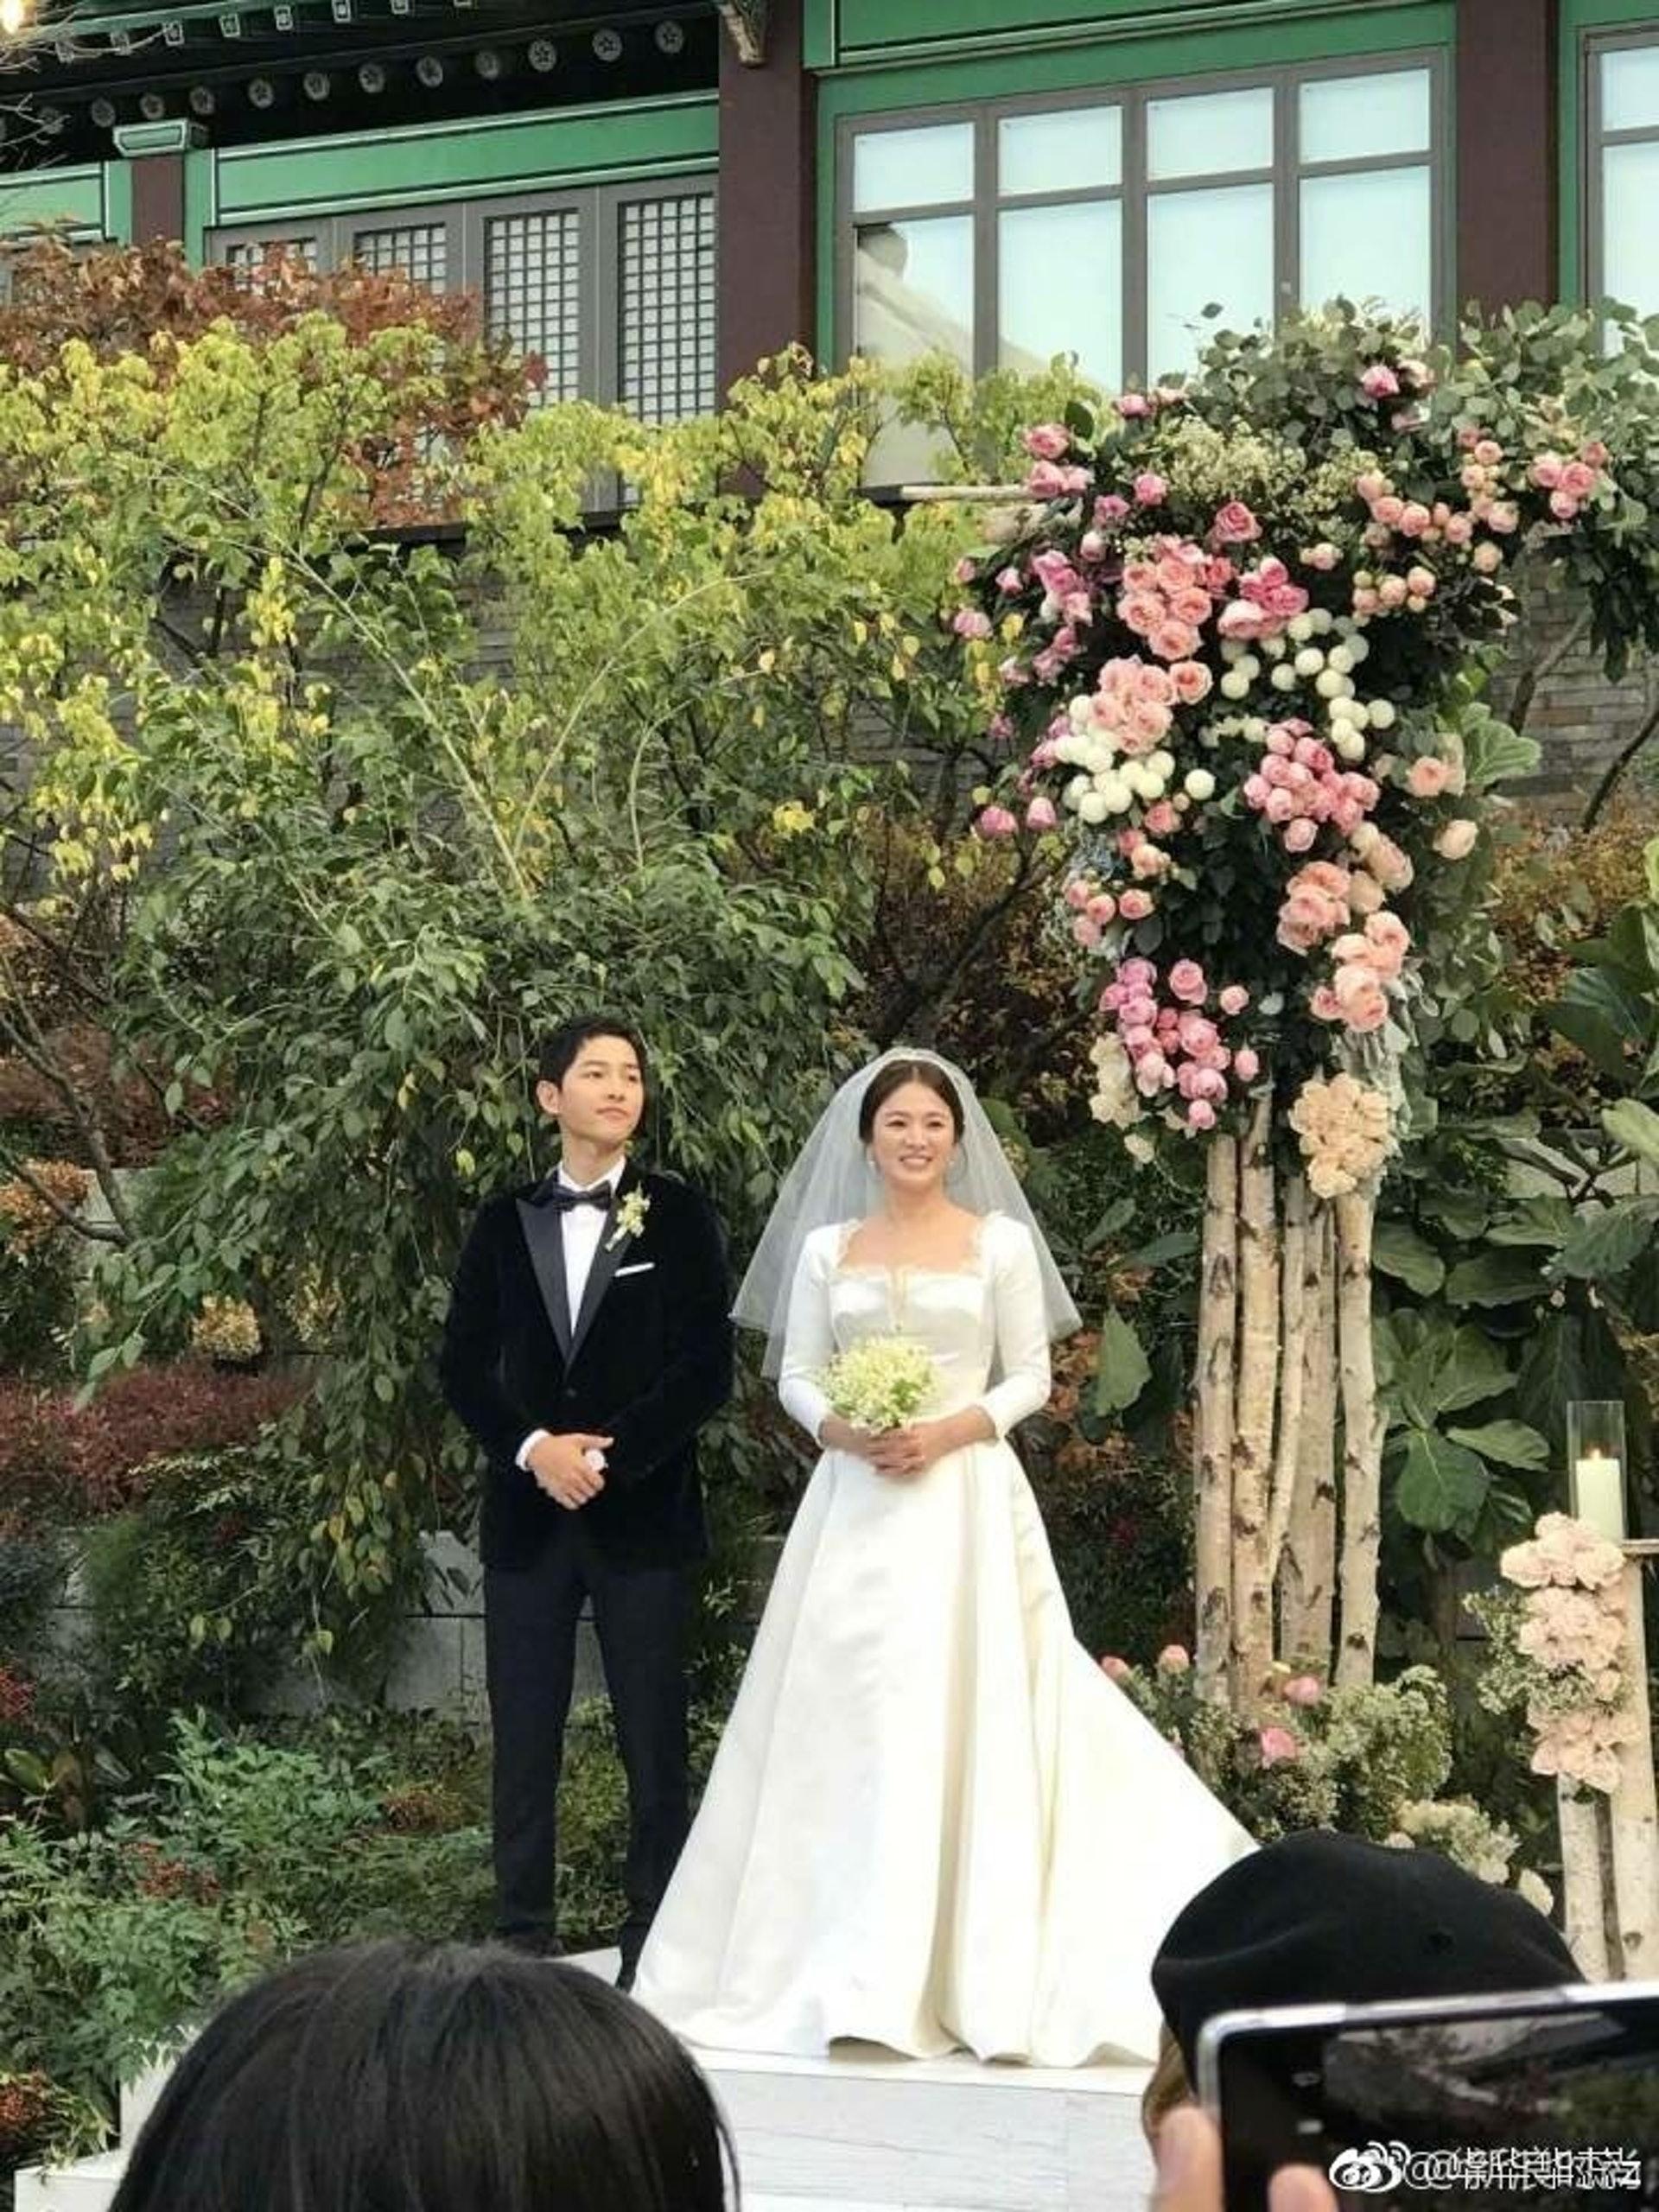 宋慧喬著上緞面長袖婚紗配以中短款式頭紗,高貴優雅。(資料圖片)